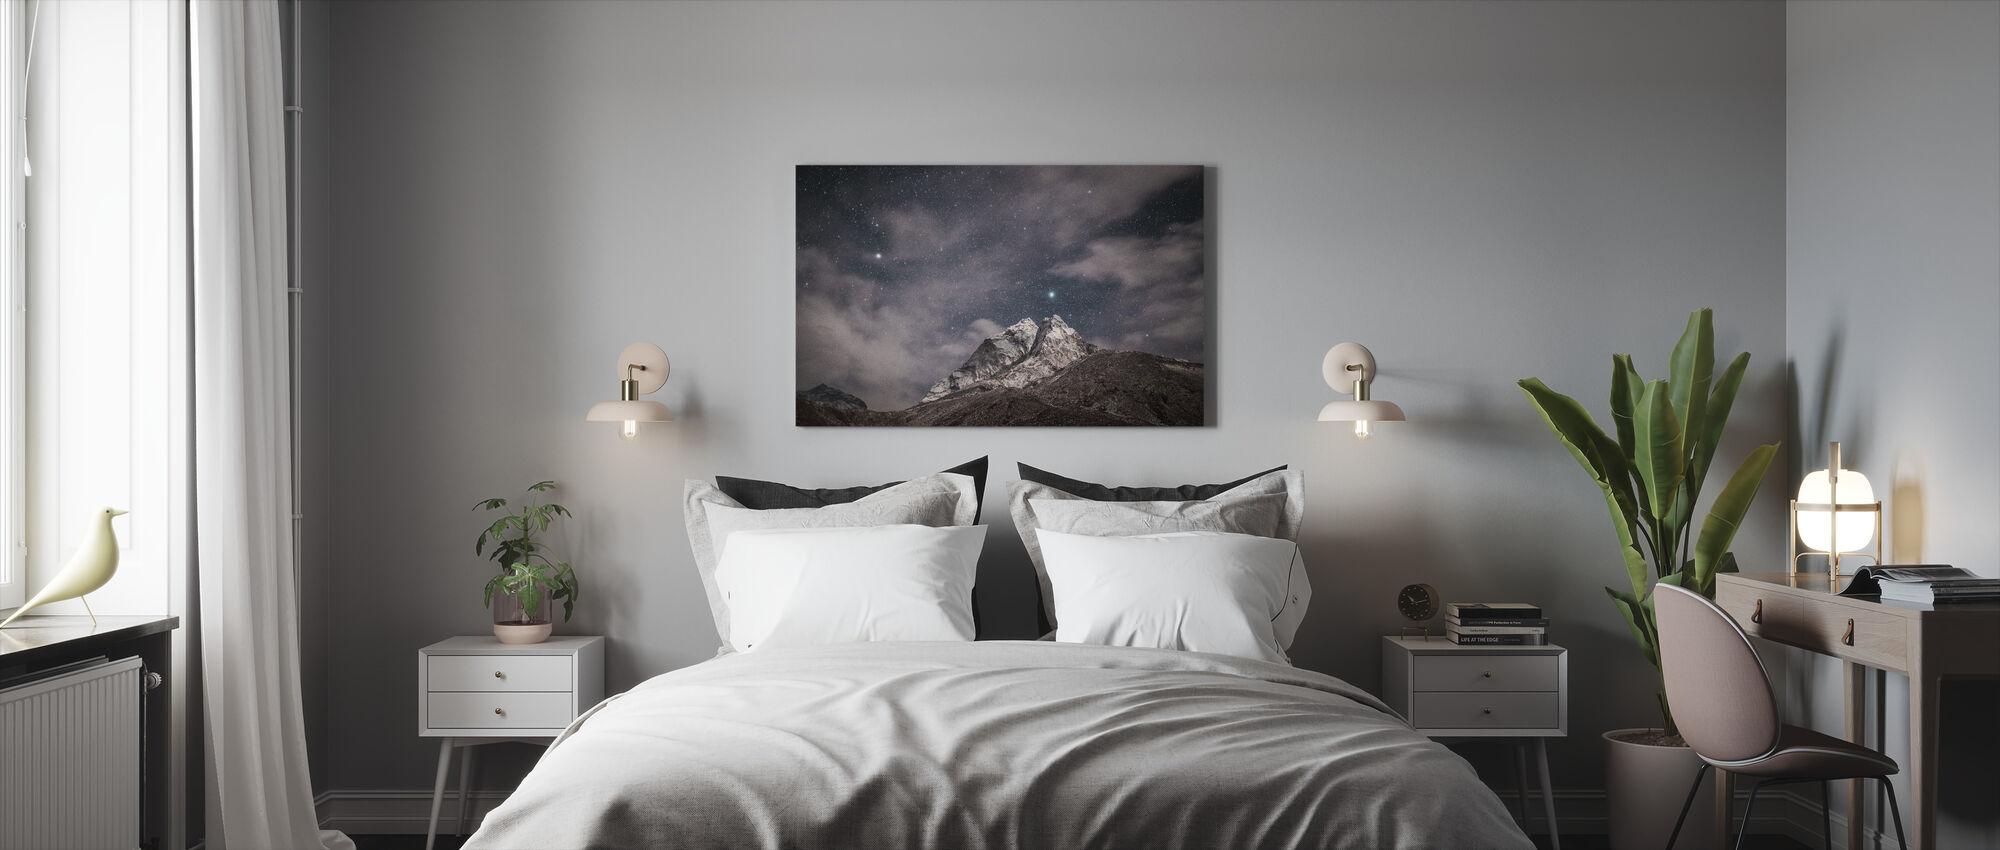 Vuori ja tähdet - Canvastaulu - Makuuhuone